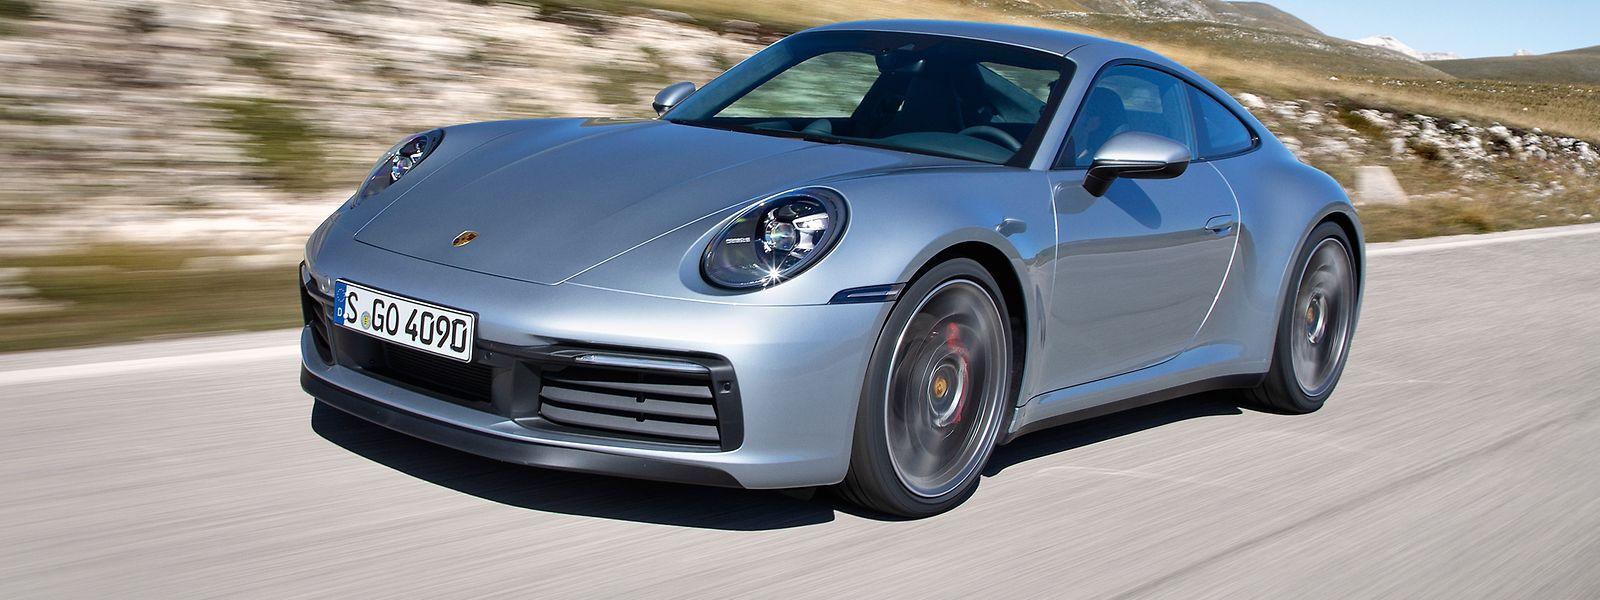 Der weiter veredelte Porsche 911 lässt immer noch den Ur-Ahn aus dem Jahr 1963 erkennen.